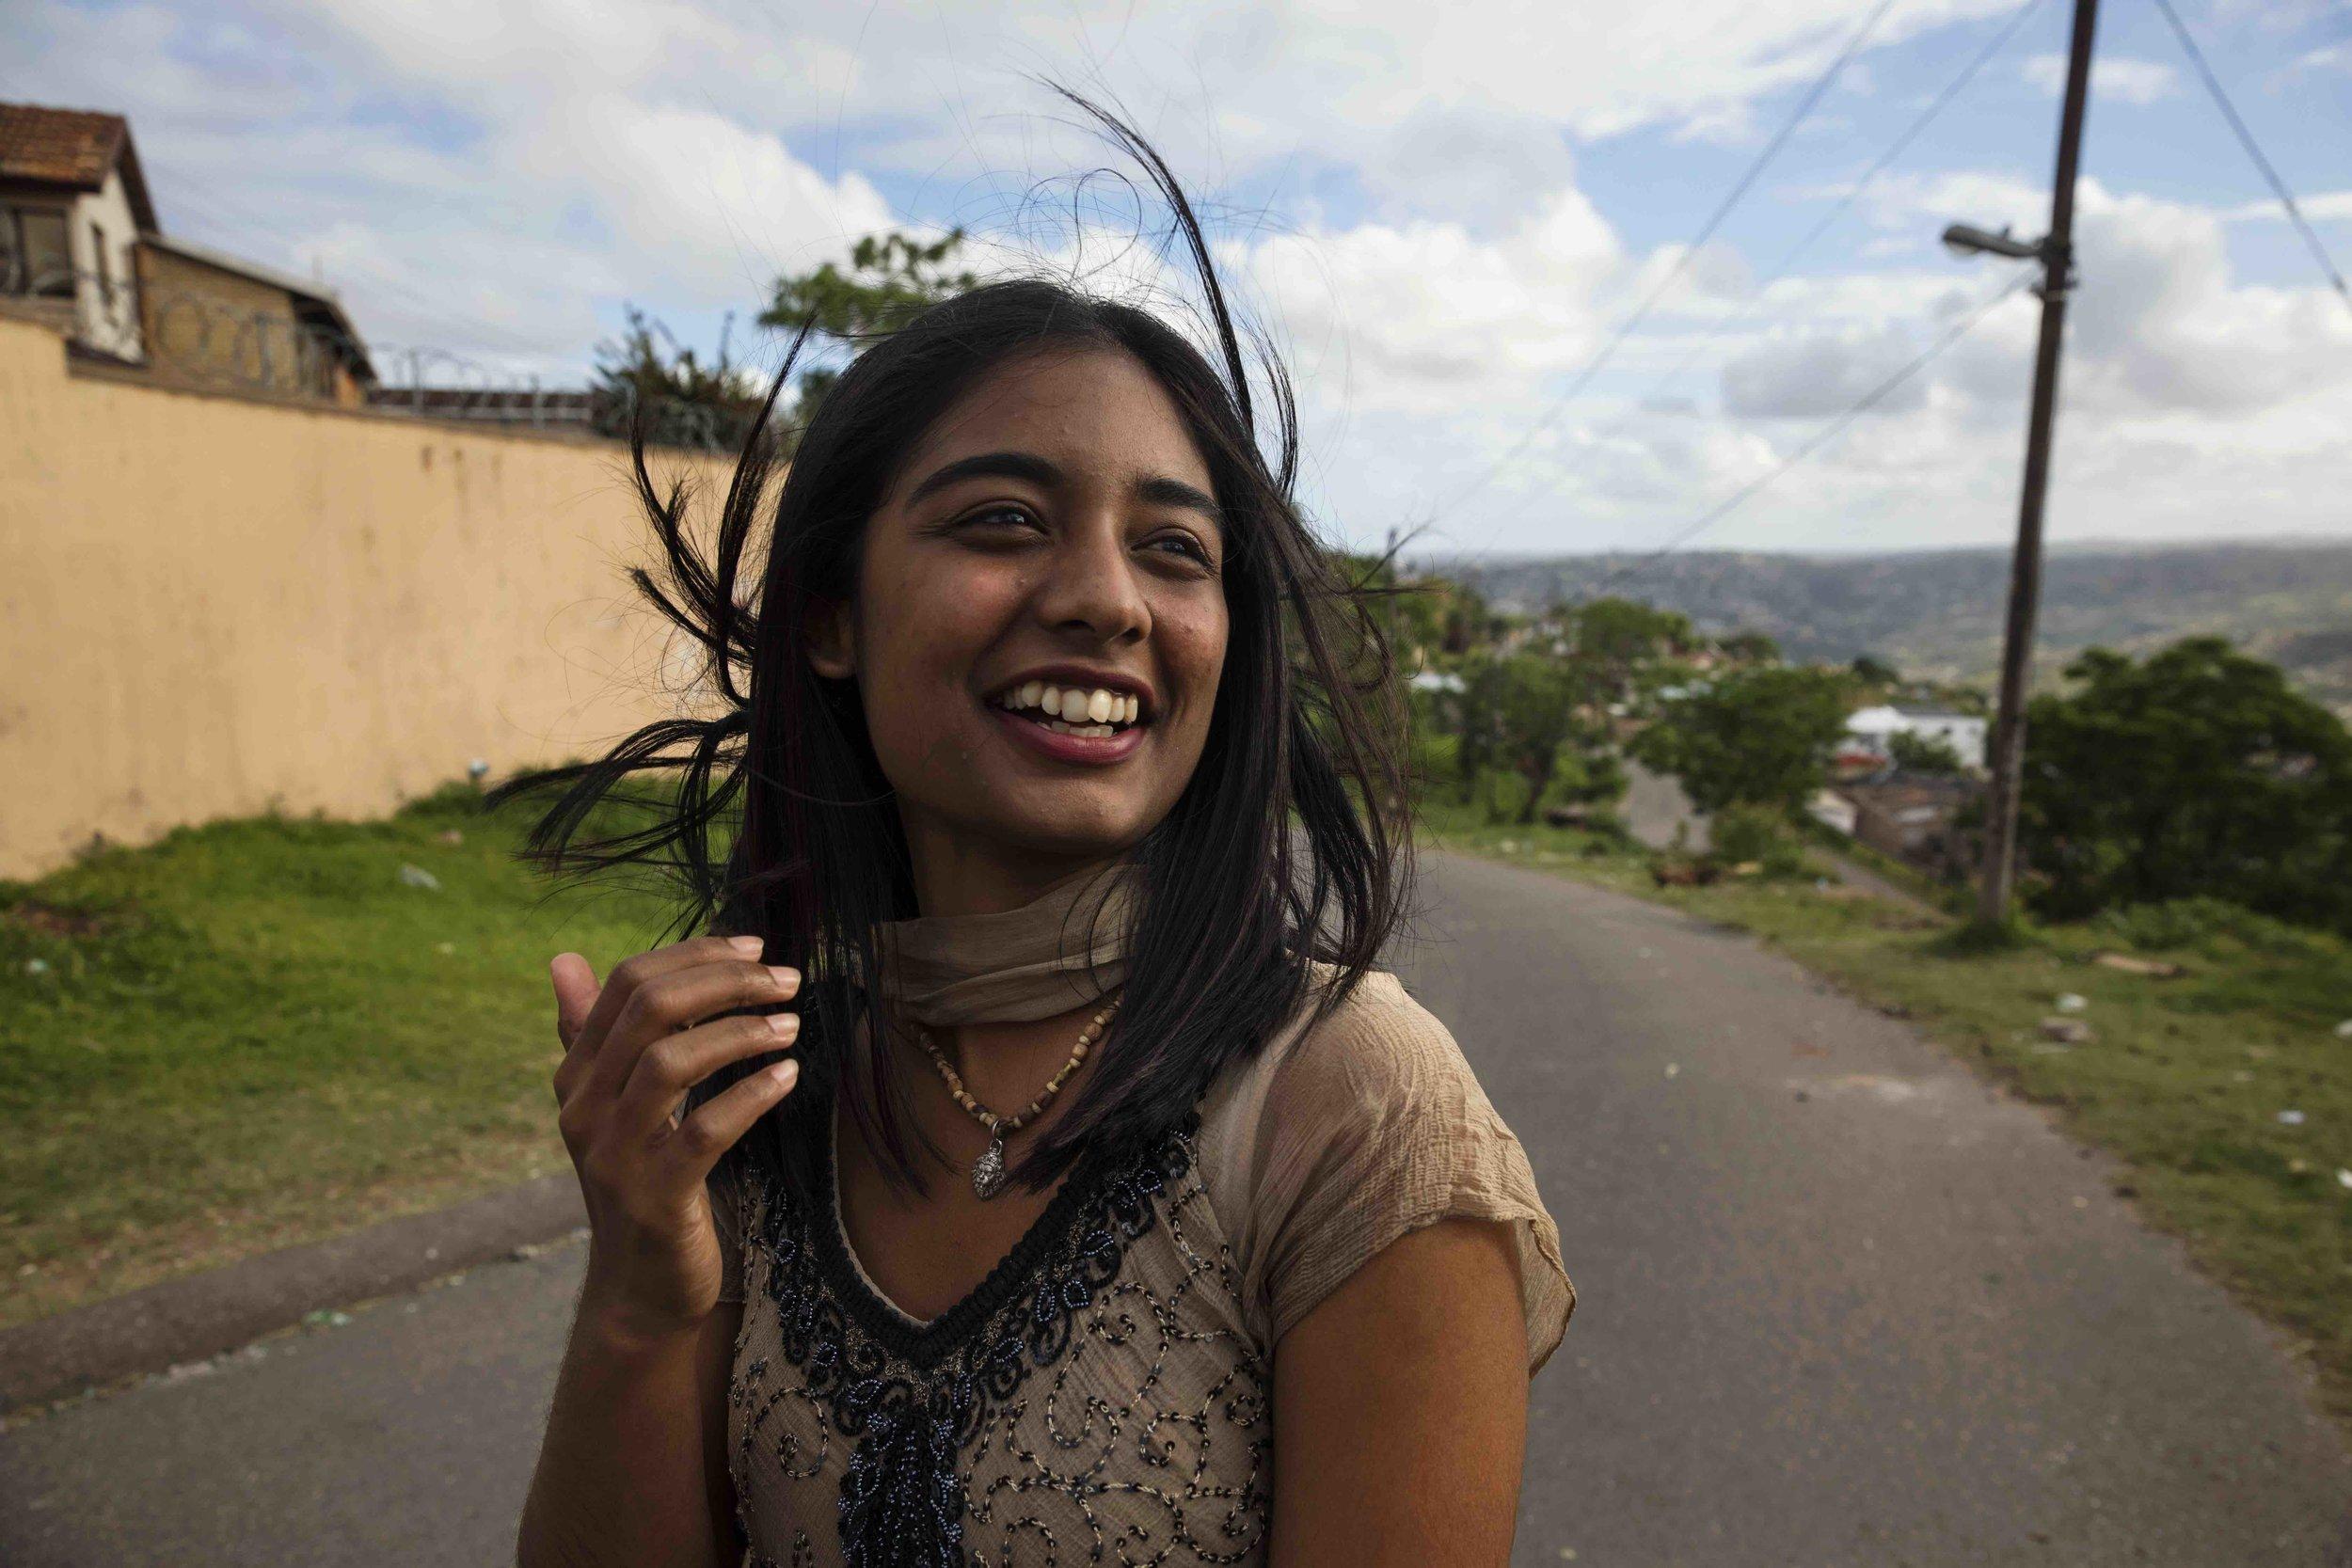 Darshana Govindram